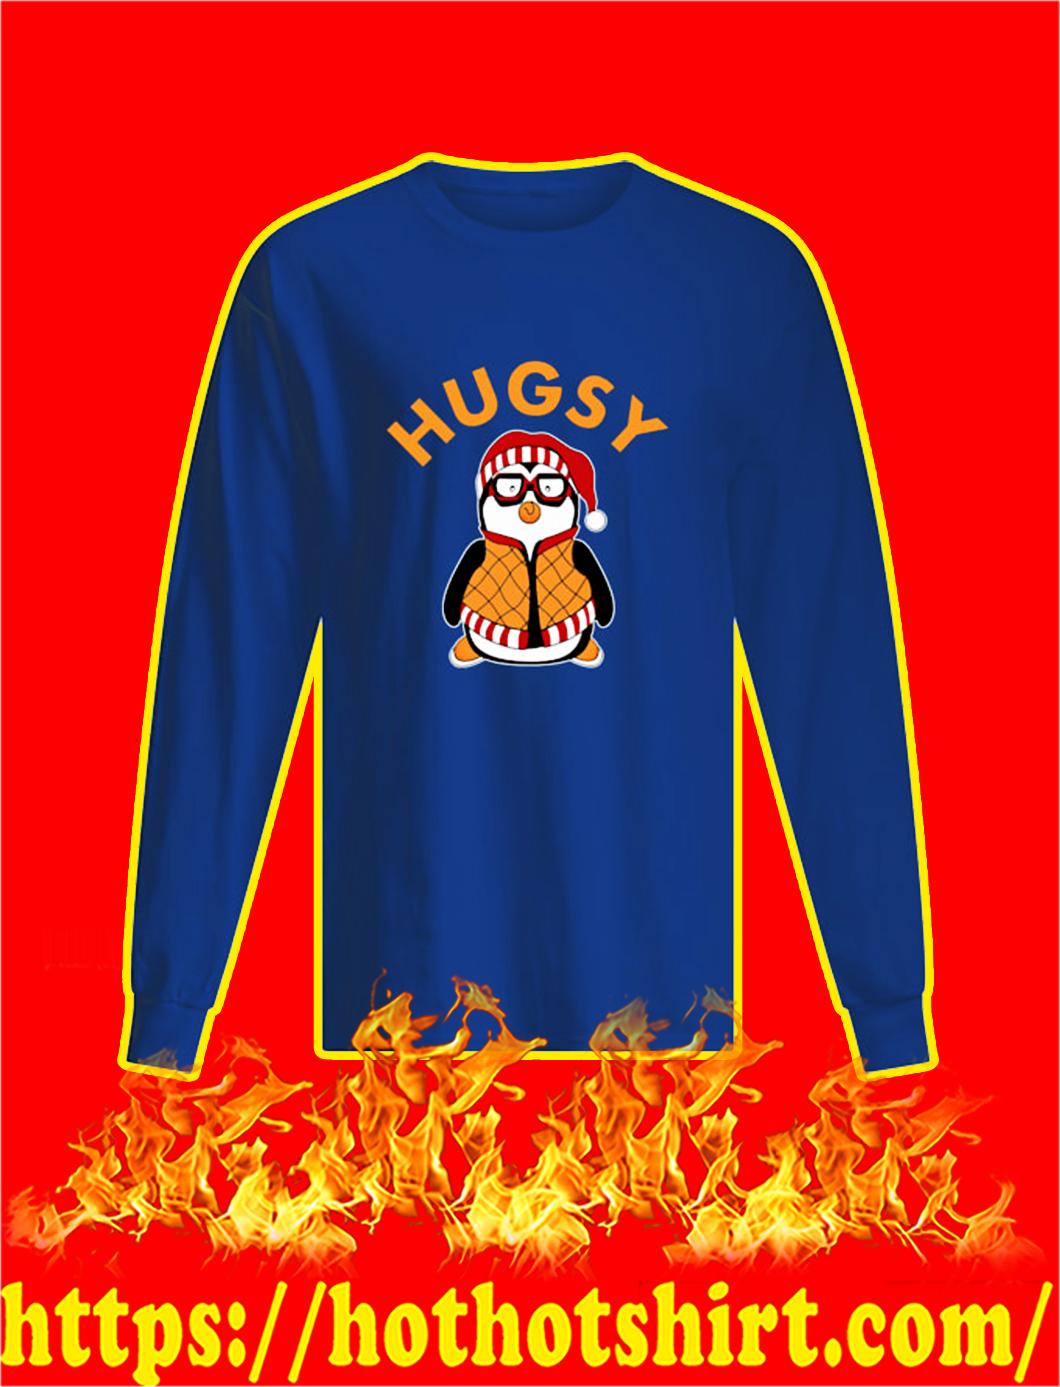 Joey's Hugsy Friends longsleeve tee